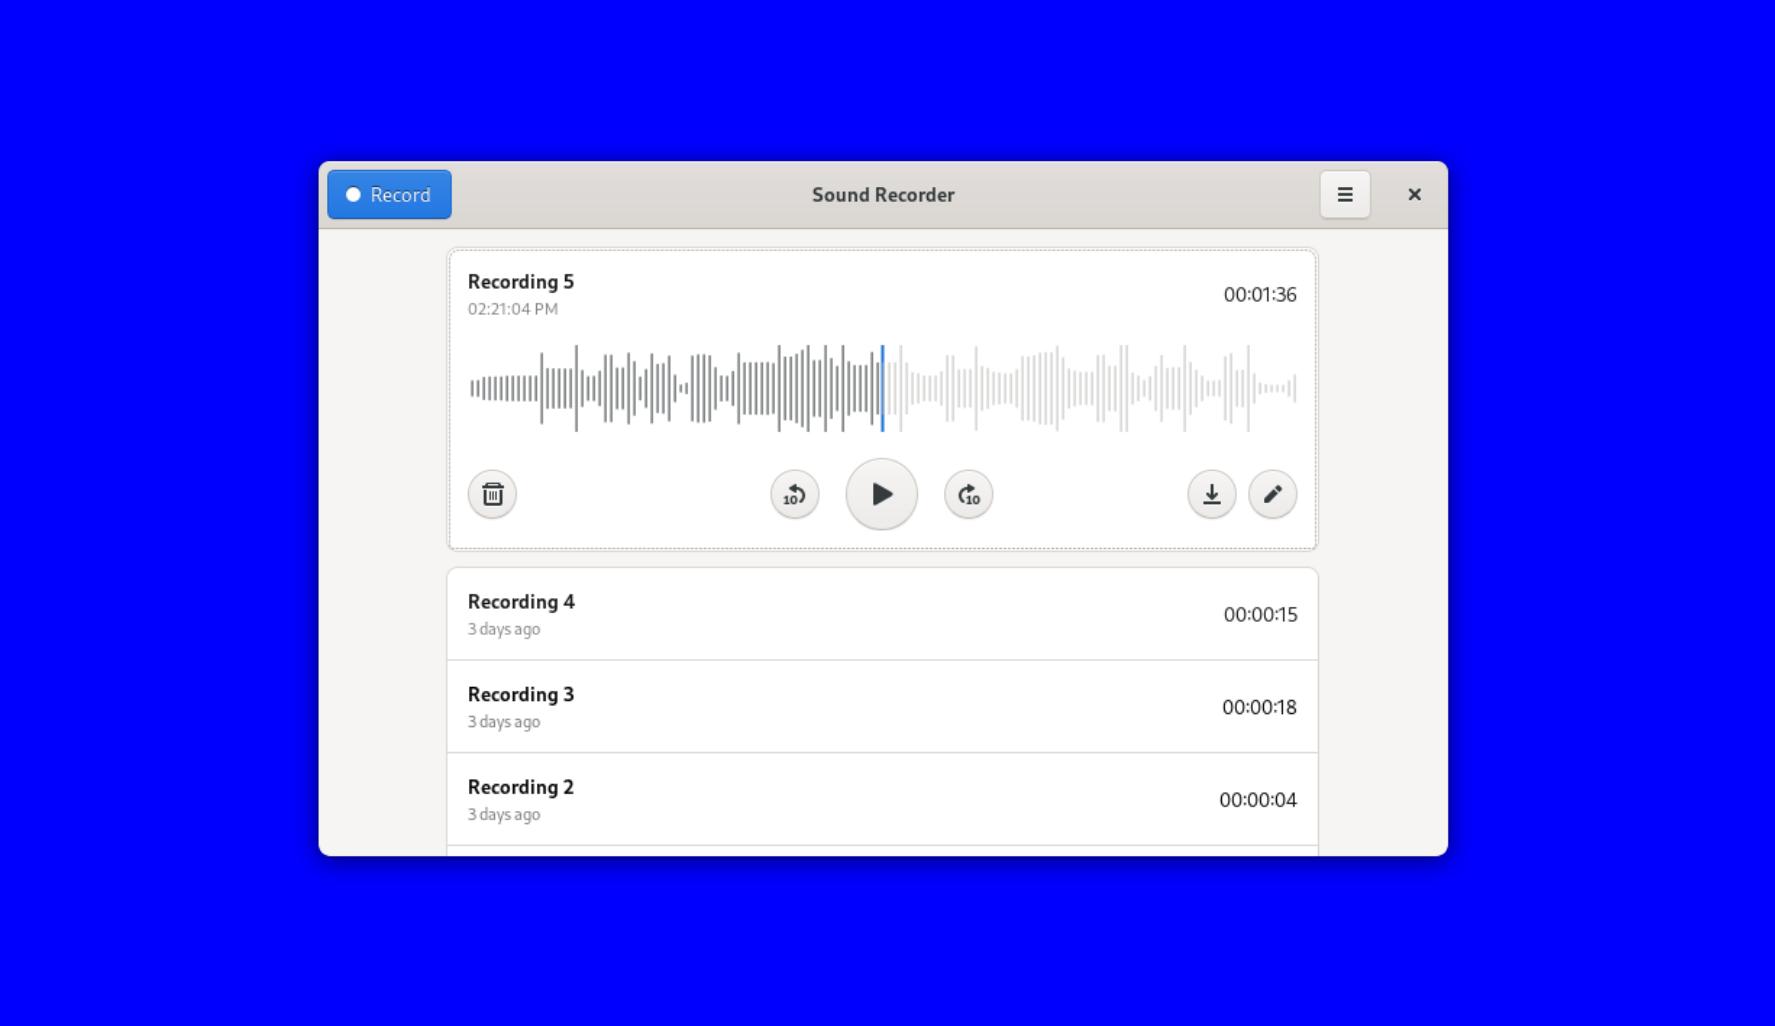 como-instalar-o-sound-recorder-um-gravador-de-audio-no-ubuntu-fedora-debian-e-opensuse